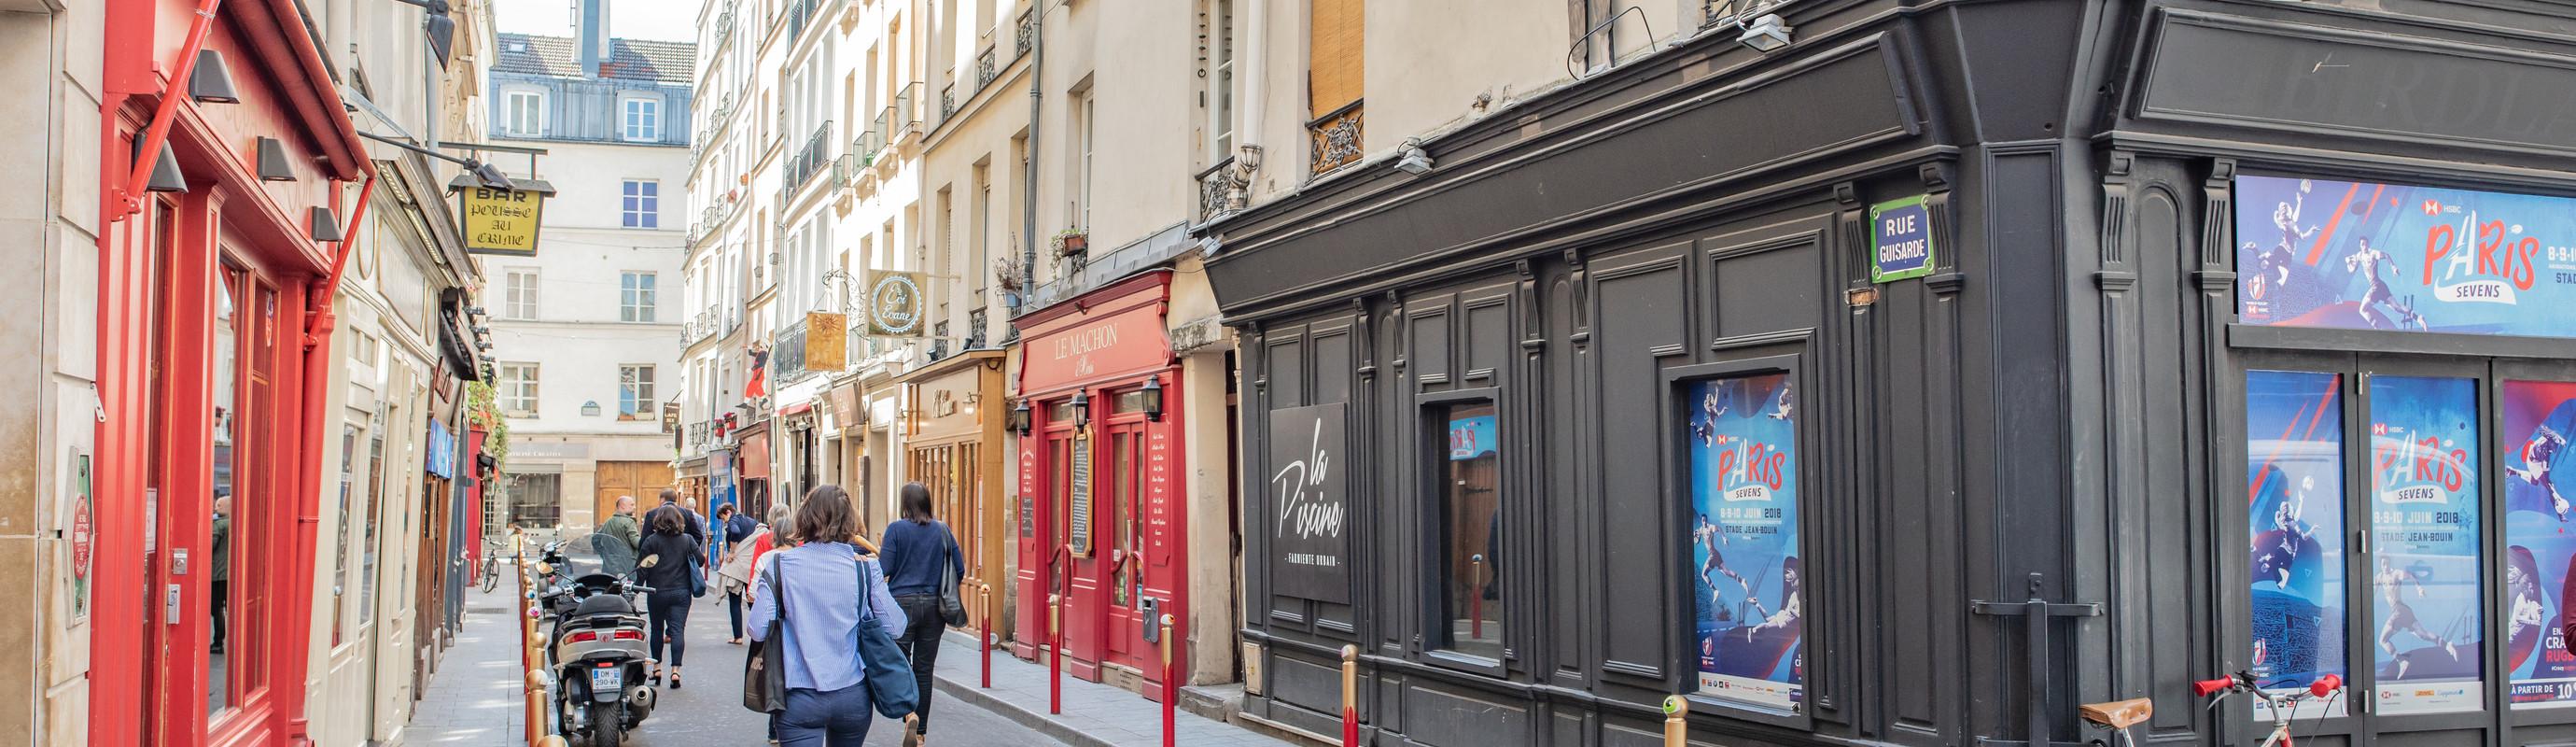 Paris Market Travels: Paris Day 2